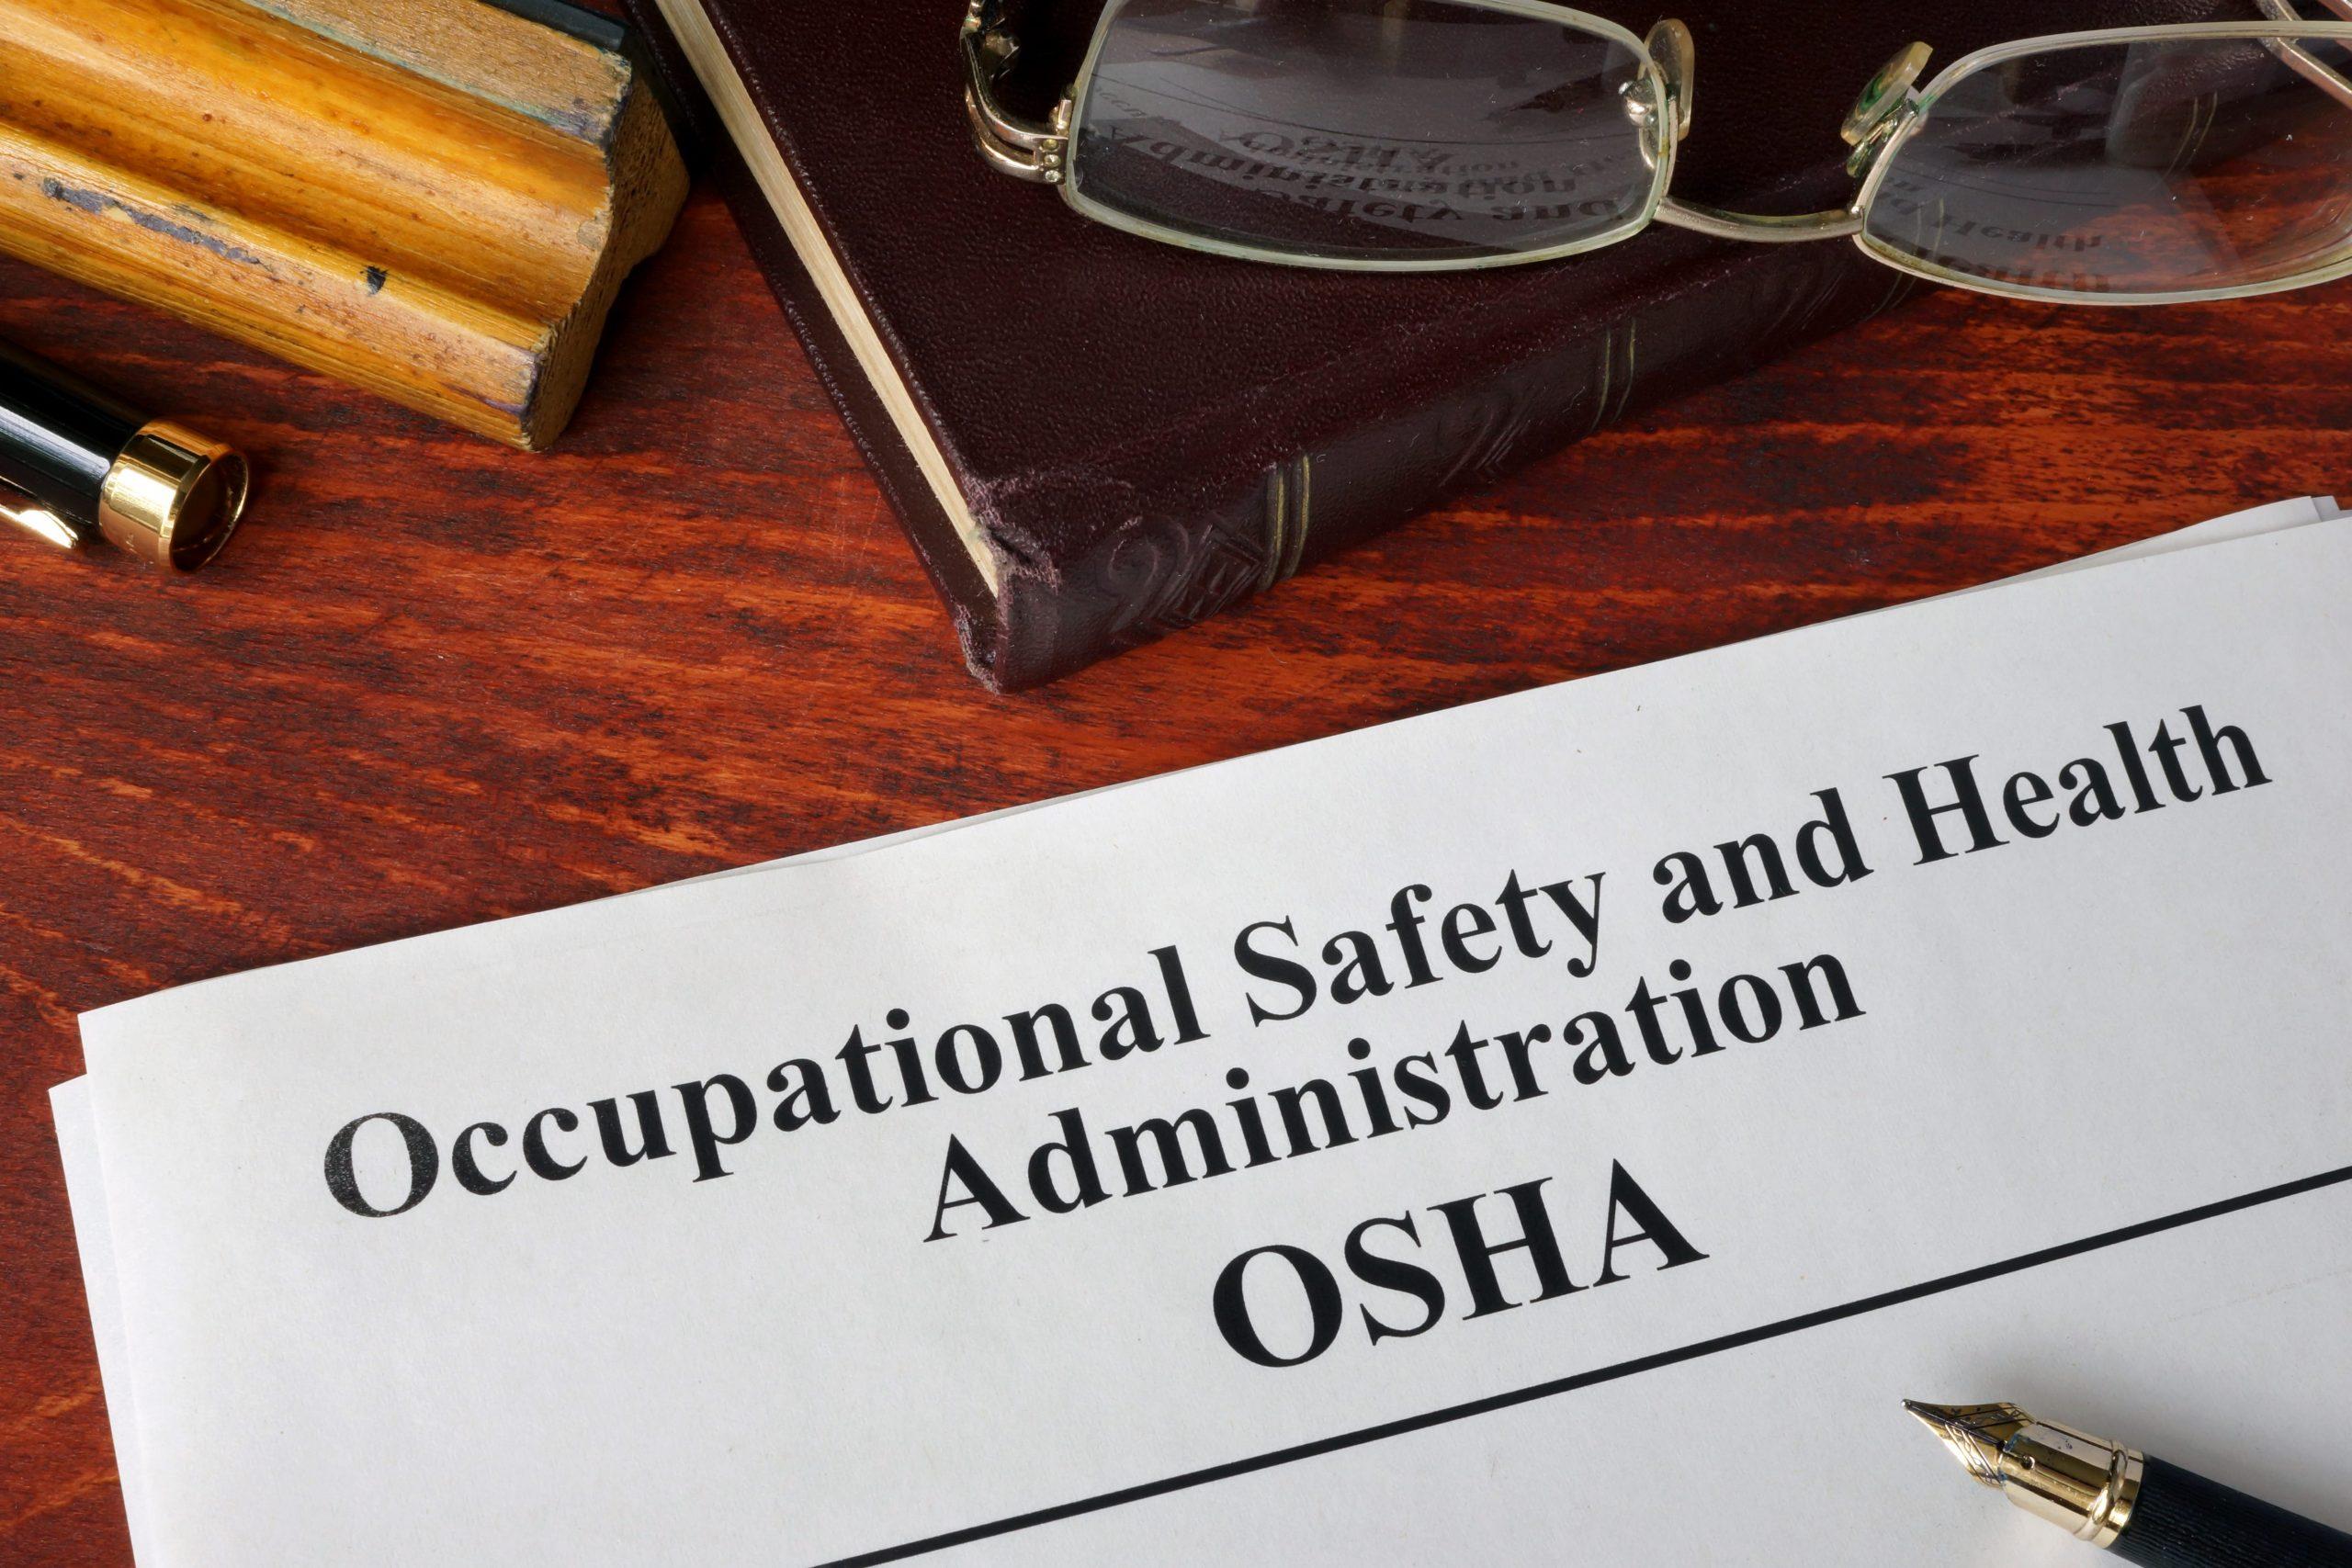 Workforce Safety mandated by OSHA